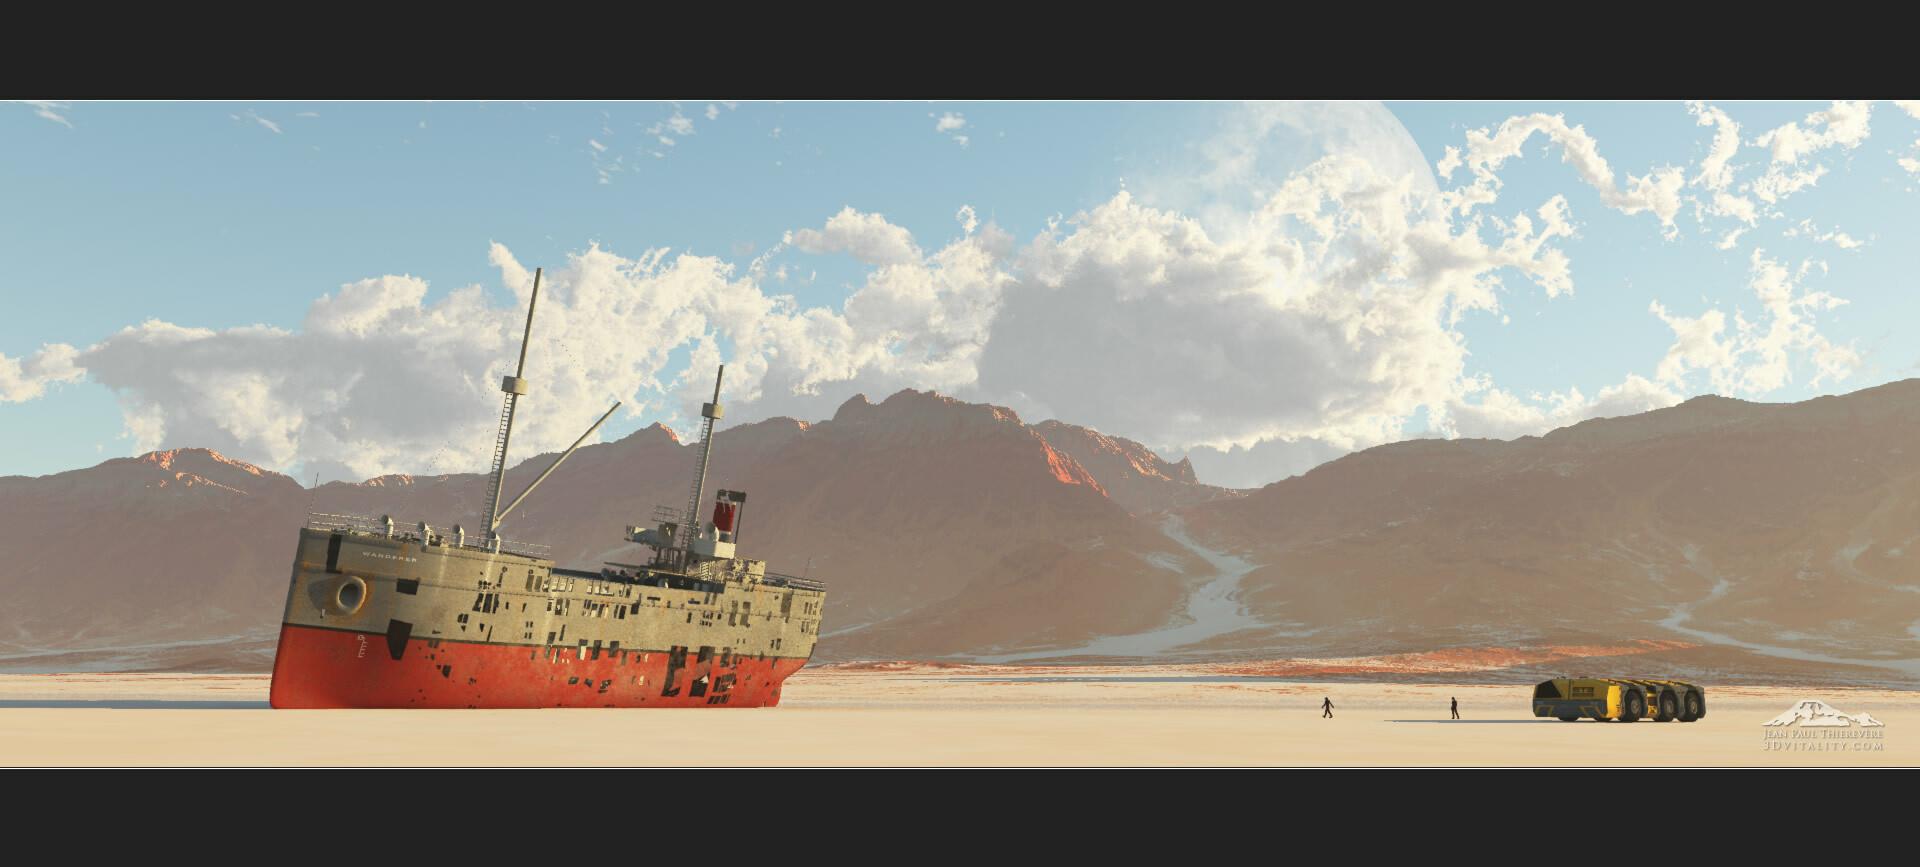 original render, only frame and logo added